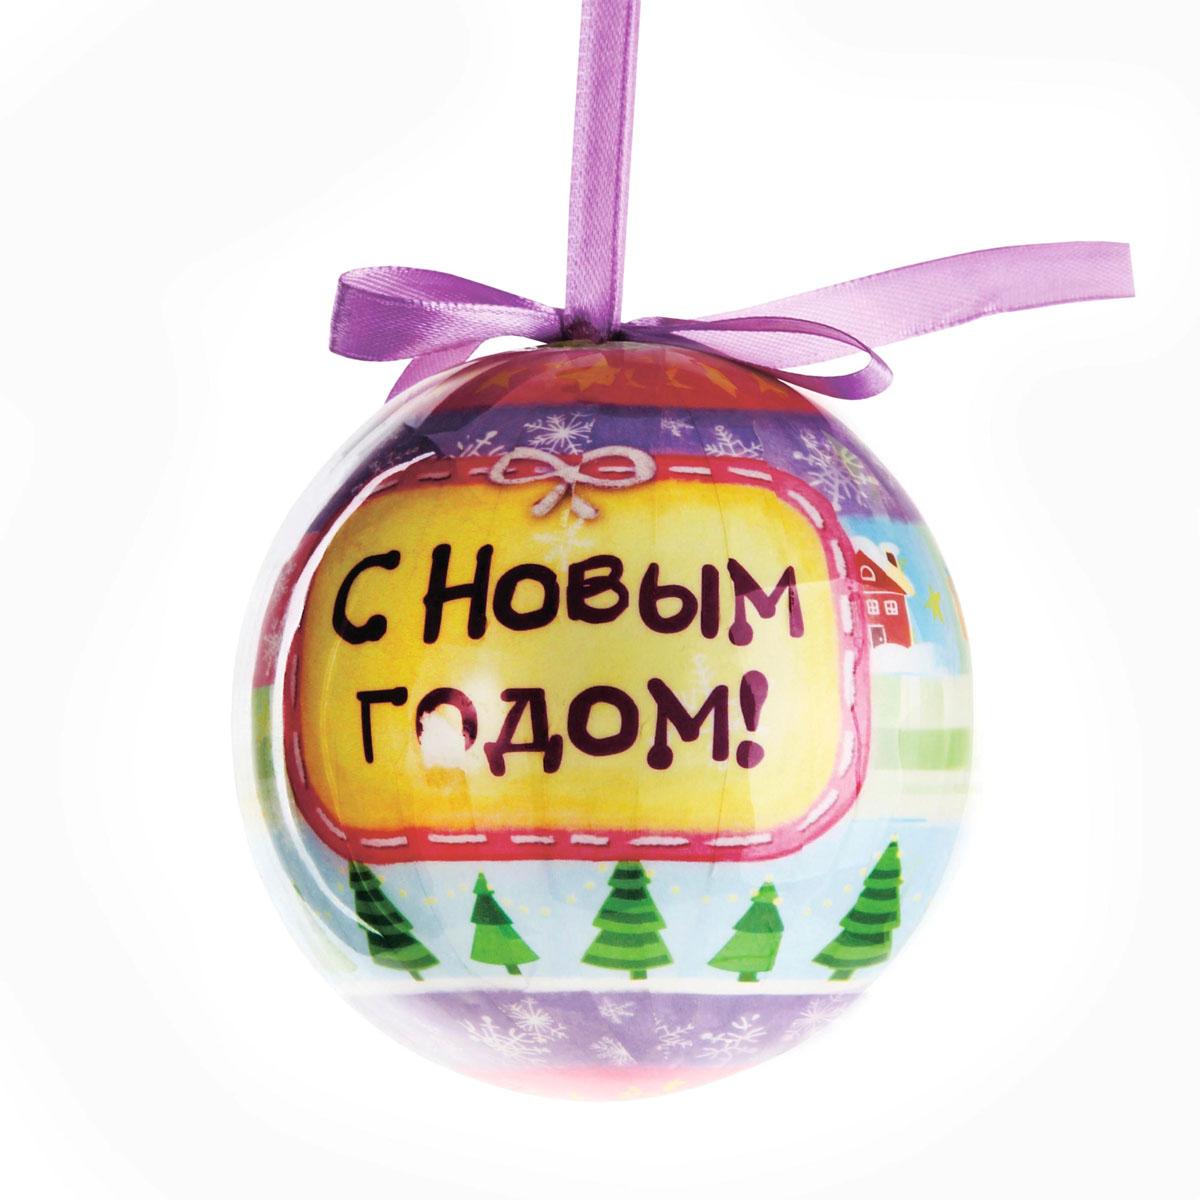 """Новогоднее подвесное украшение """"Sima-land"""" выполнено из высококачественного пенопласта в форме шара и покрыто цветной пленкой. Шар декорирован новогодним рисунком, поздравлениями и текстильным бантом. С помощью специальной петельки украшение можно повесить в любом понравившемся вам месте. Но, конечно, удачнее всего такой набор будет смотреться на праздничной елке.   Елочная игрушка - символ Нового года. Она несет в себе волшебство и красоту праздника. Создайте в своем доме атмосферу веселья и радости, украшая новогоднюю елку нарядными игрушками, которые  будут из года в год накапливать теплоту воспоминаний.  Материал: пенопласт, пленка, текстиль."""